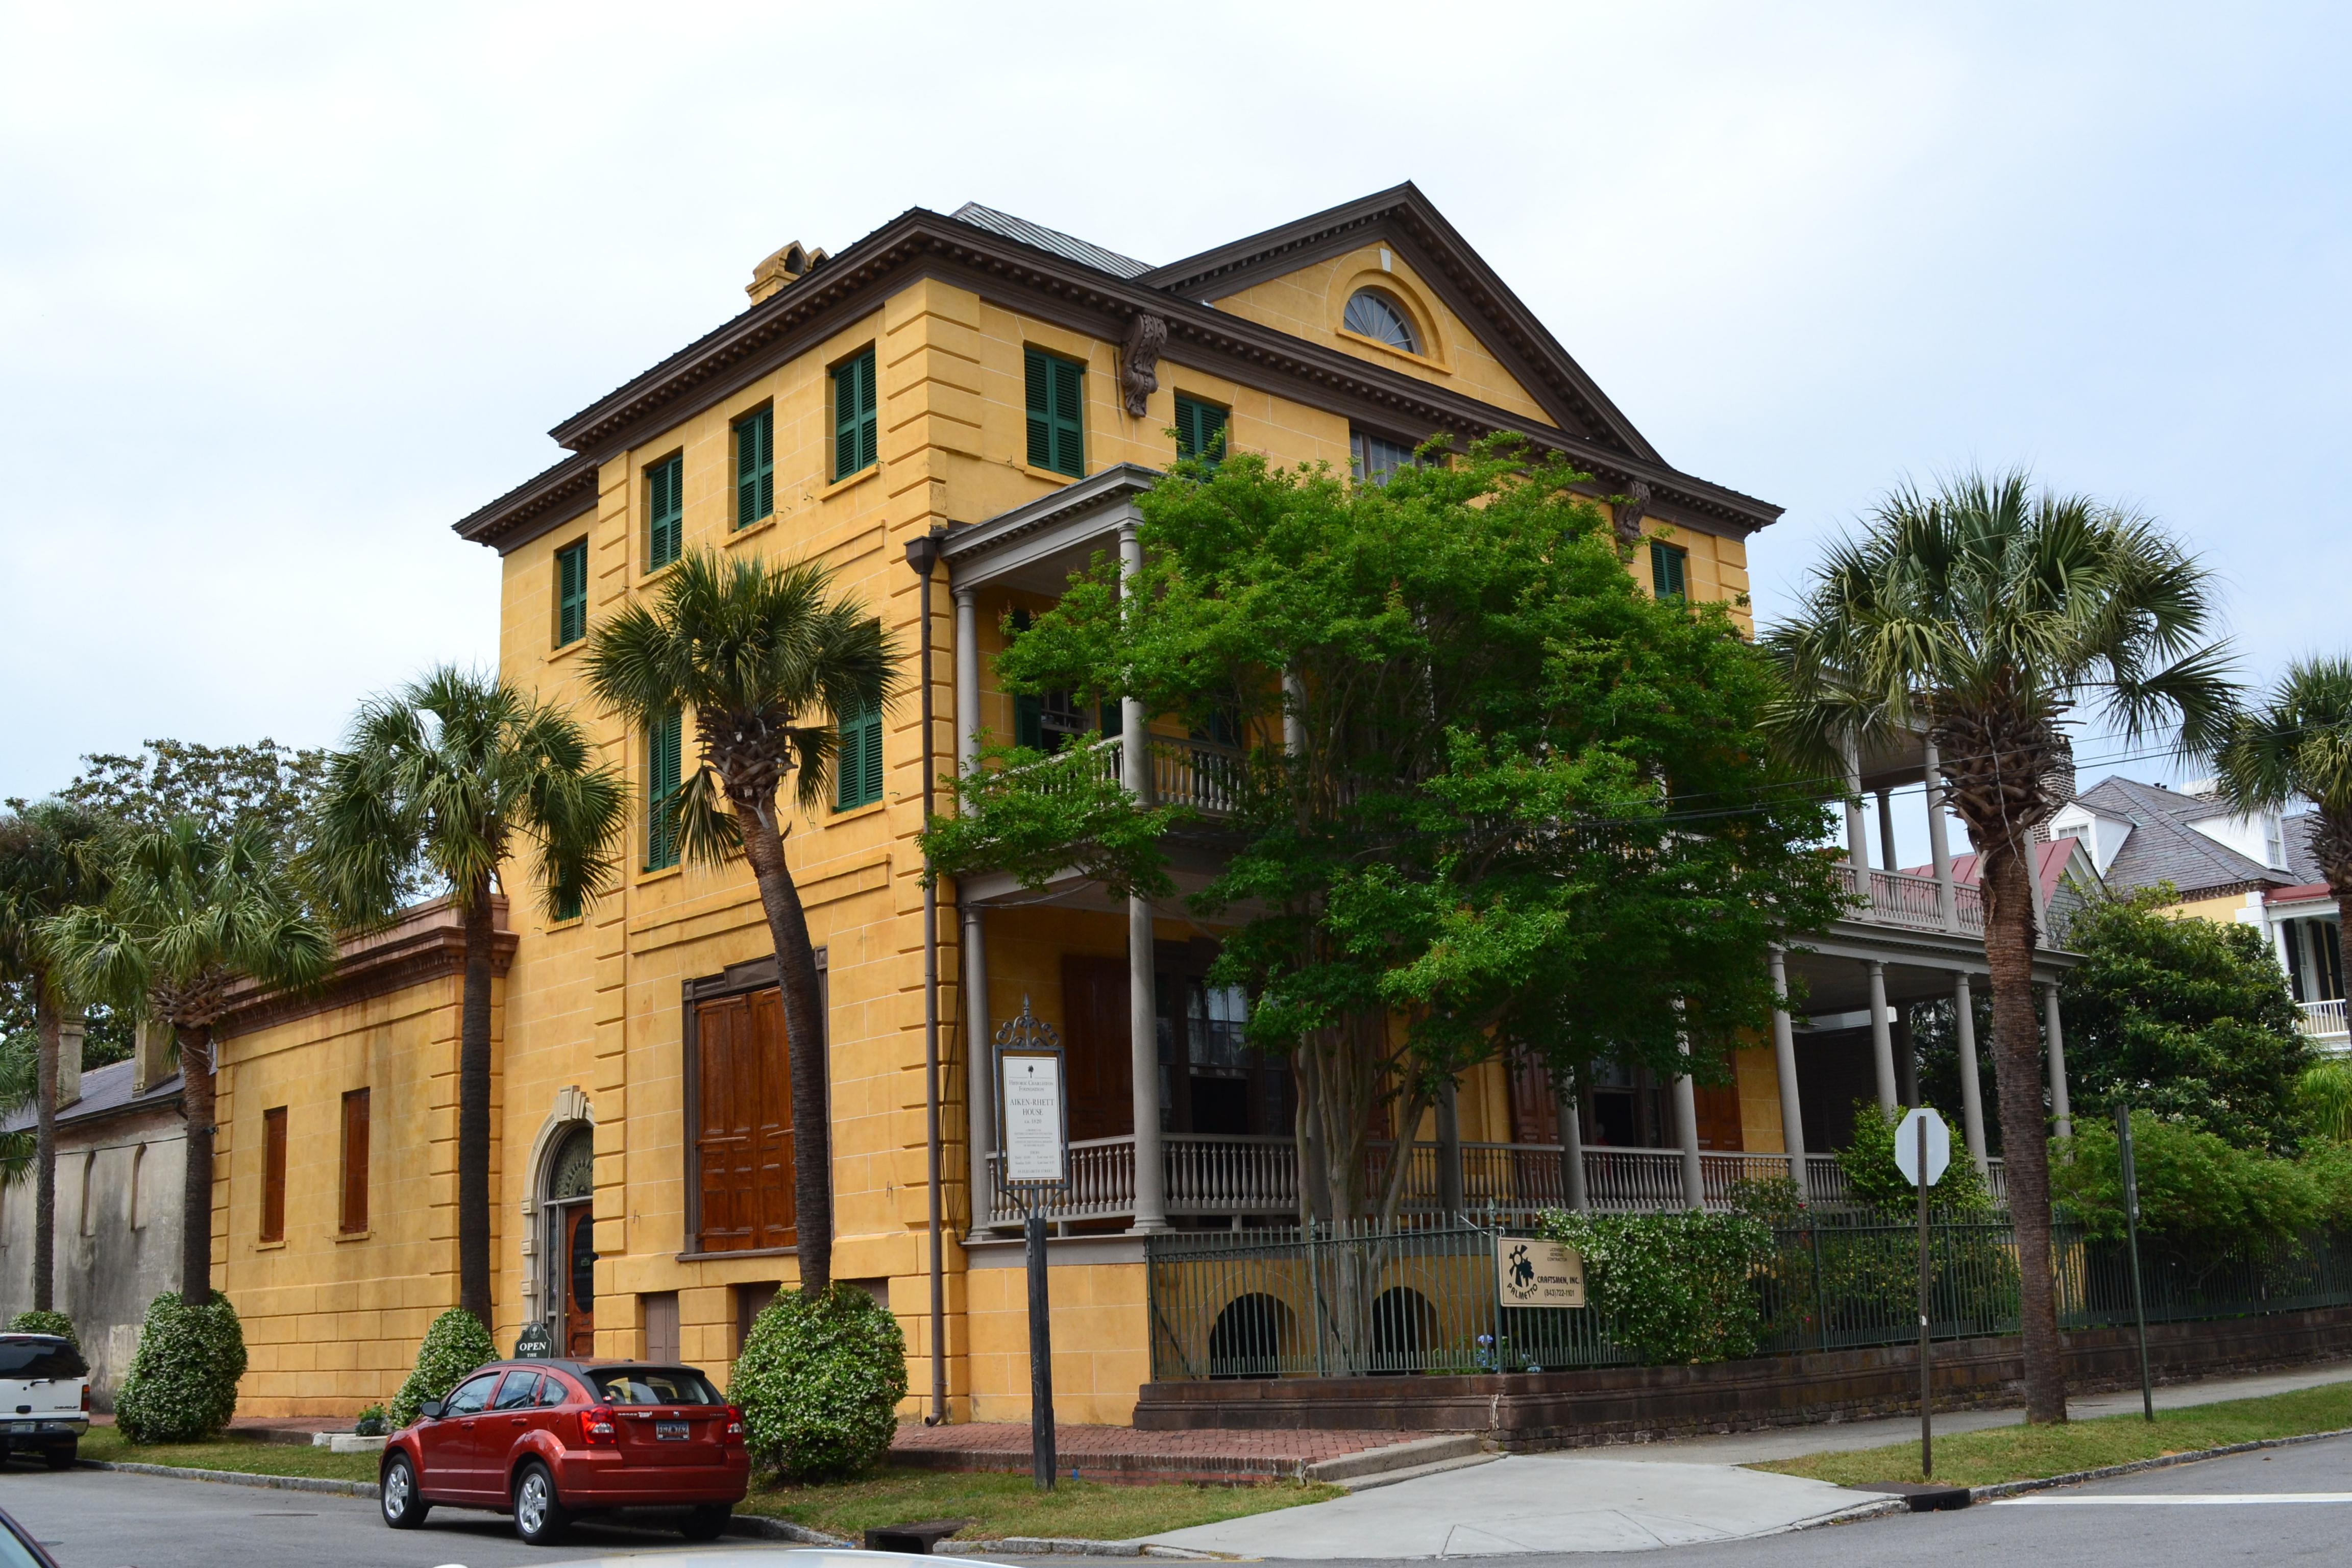 Aiken-Rhett House Charleston SC ghosts haunted